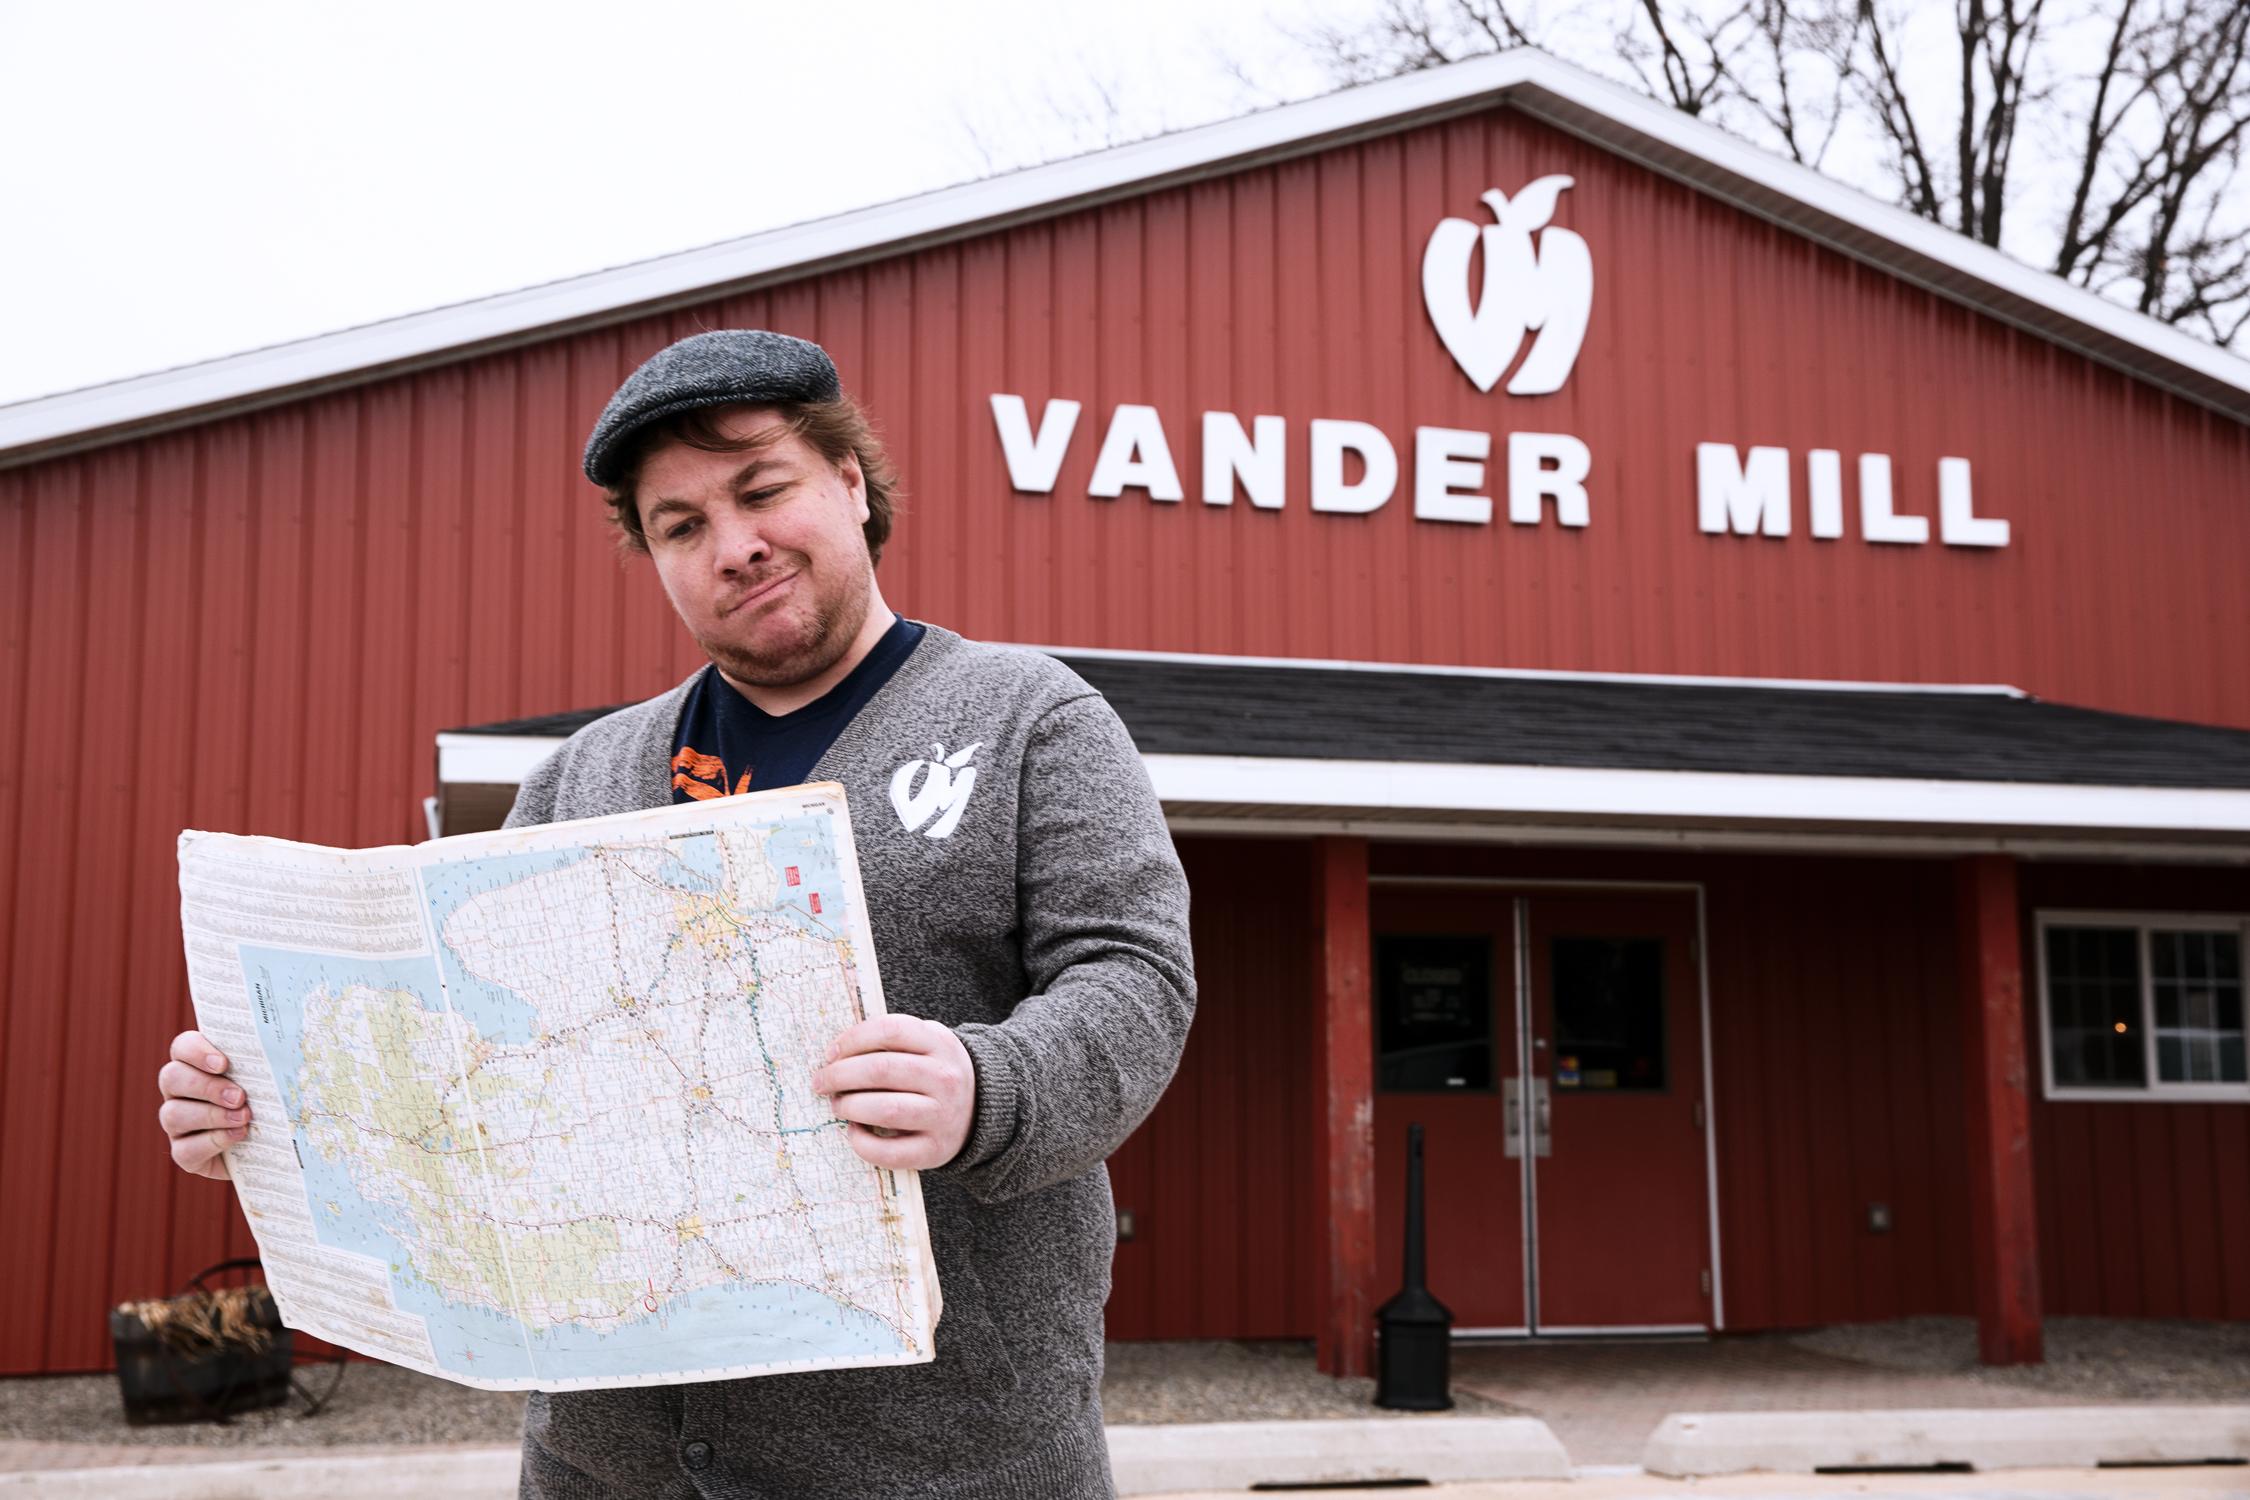 Find Vander Mill